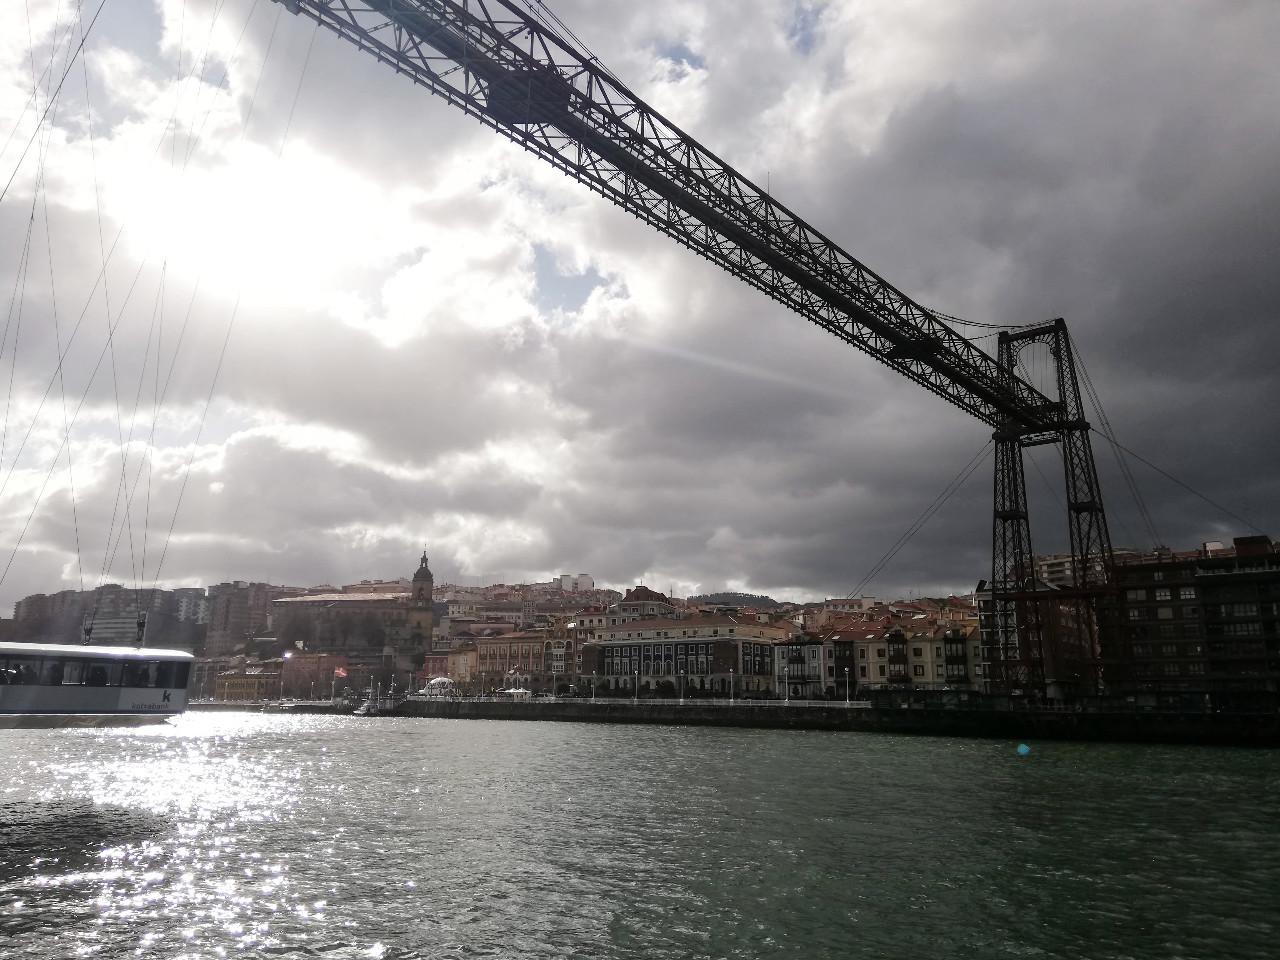 Die Puente de Vizcaya in Getxo